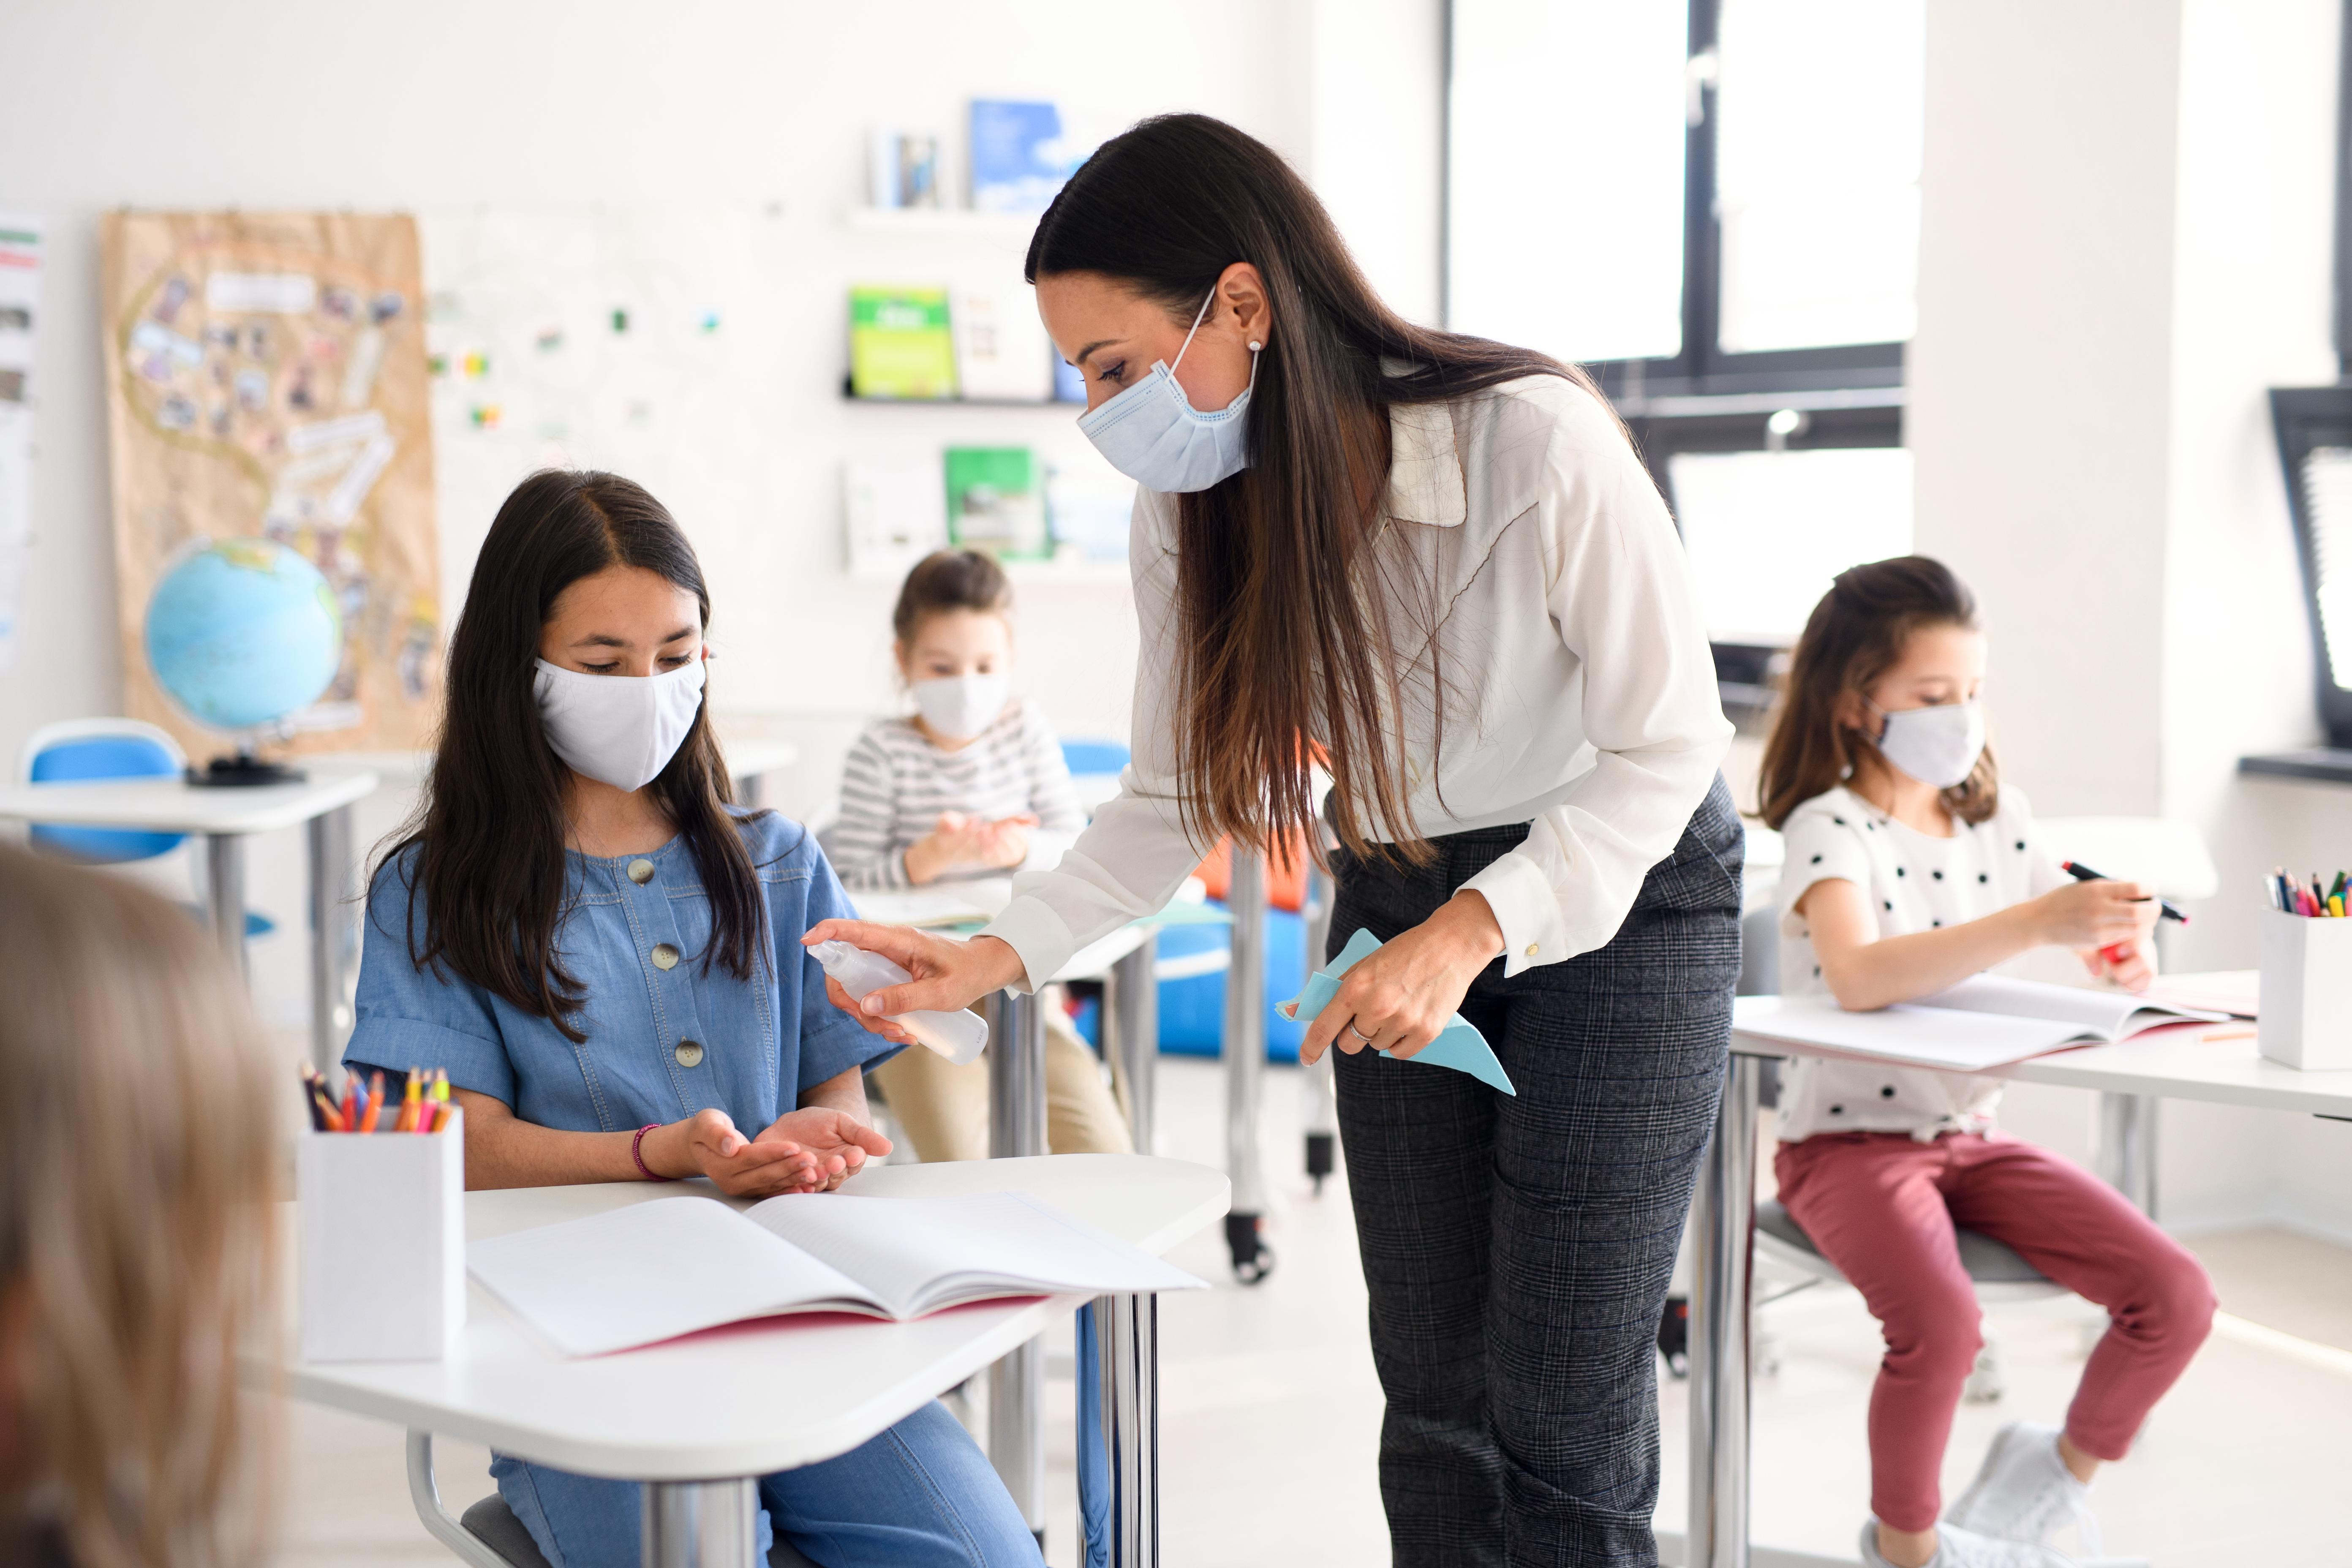 училища, детски градини, вентилация, предпазва от Covid